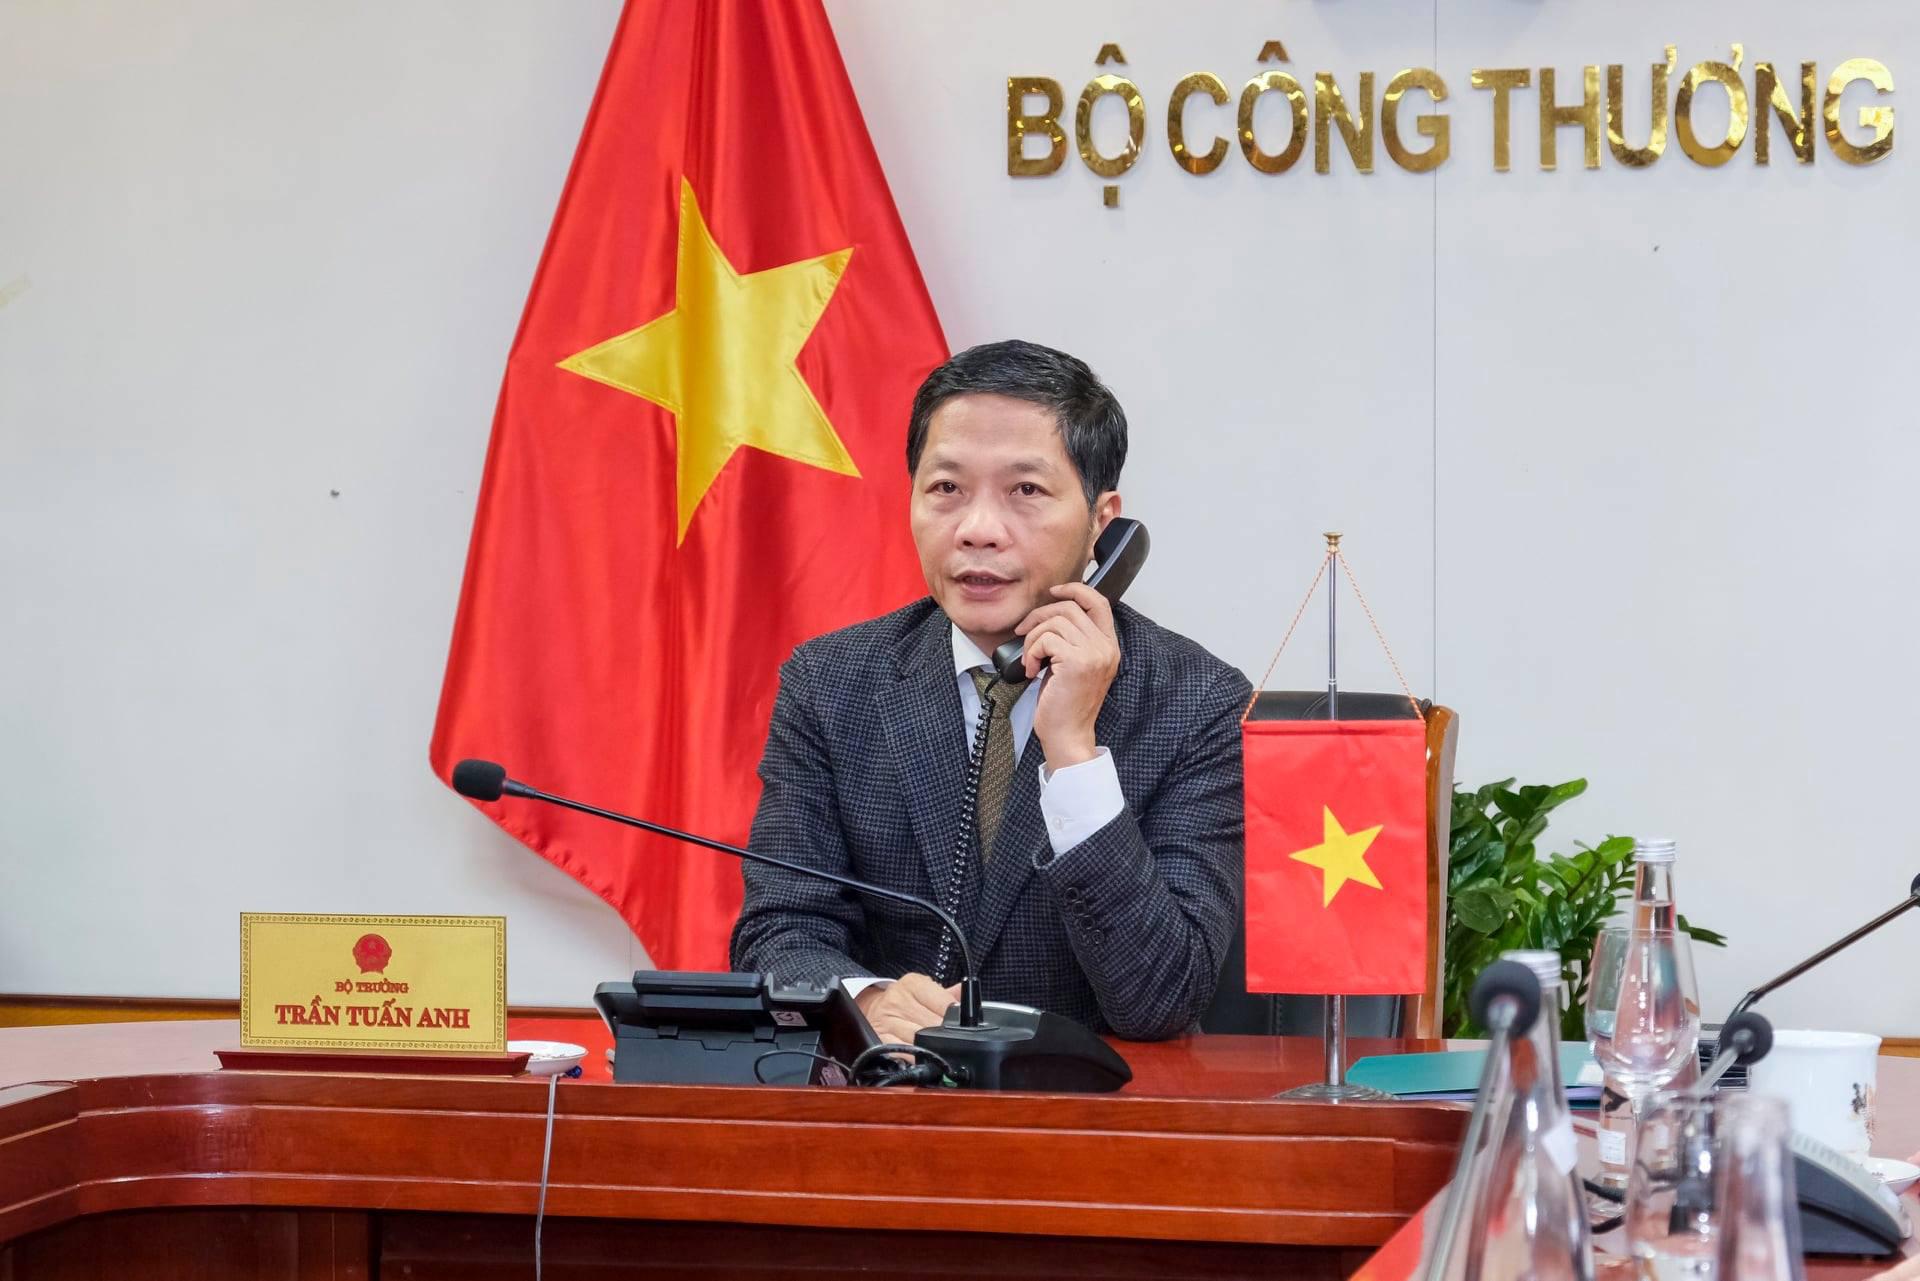 Bộ trưởng Trần Tuấn Anh điện đàm với Mỹ về việc điều tra tiền tệ, nhập khẩu gỗ - Ảnh 1.